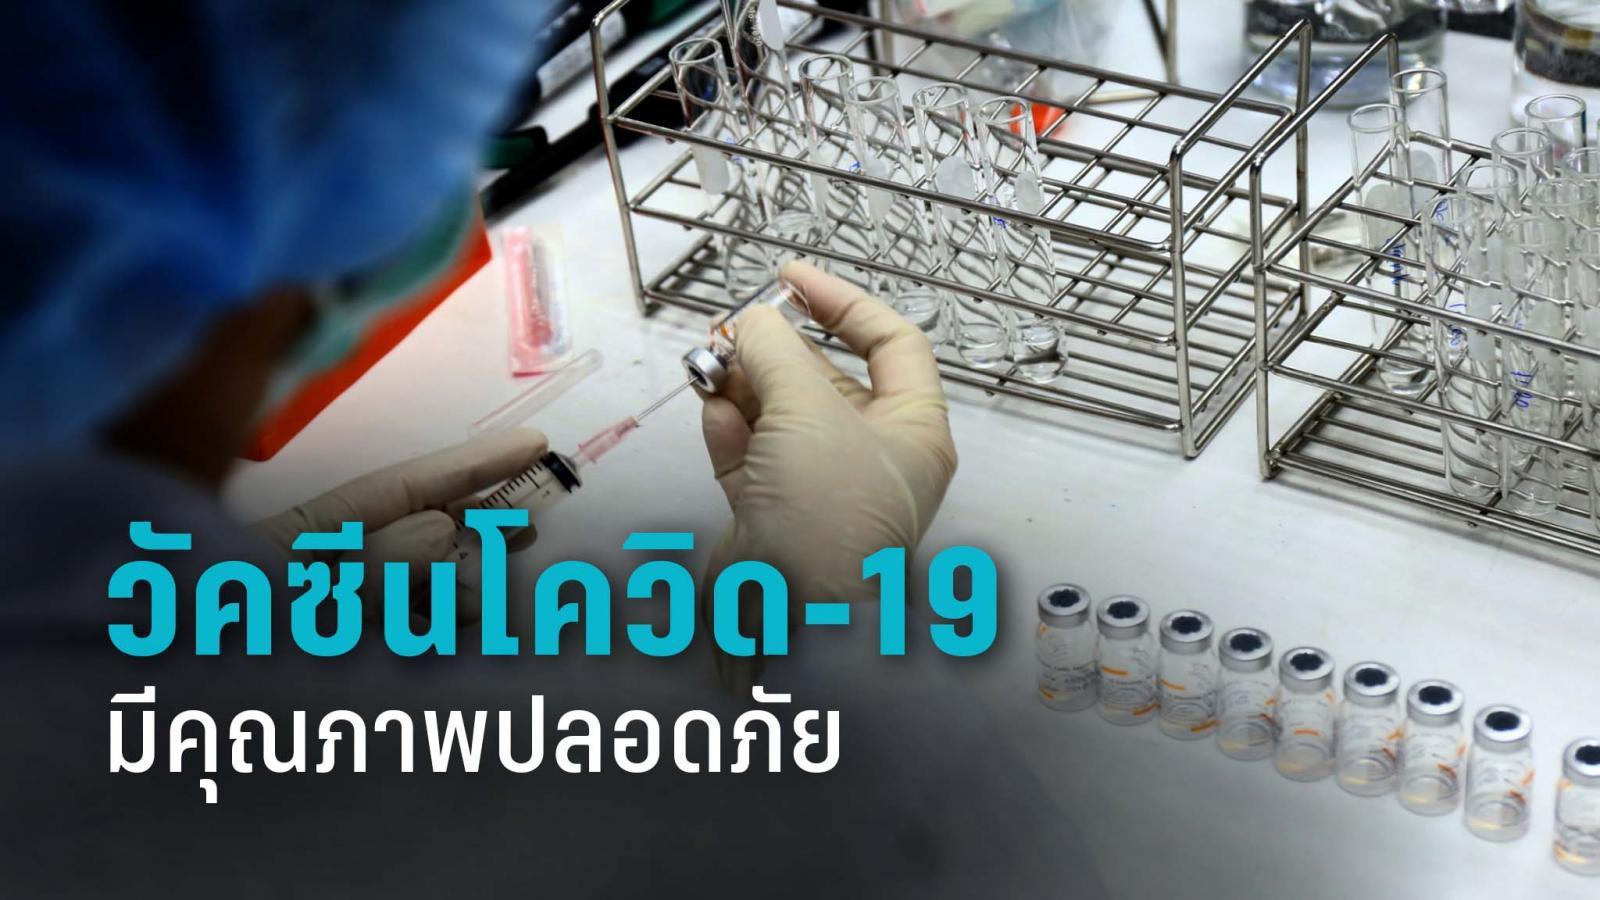 """กรมวิทย์ฯ ยัน """"ซิโนแวค-แอสตร้าเซนเนก้า"""" มีคุณภาพปลอดภัย ชวนทุกคนฉีดวัคซีนโควิด-19"""